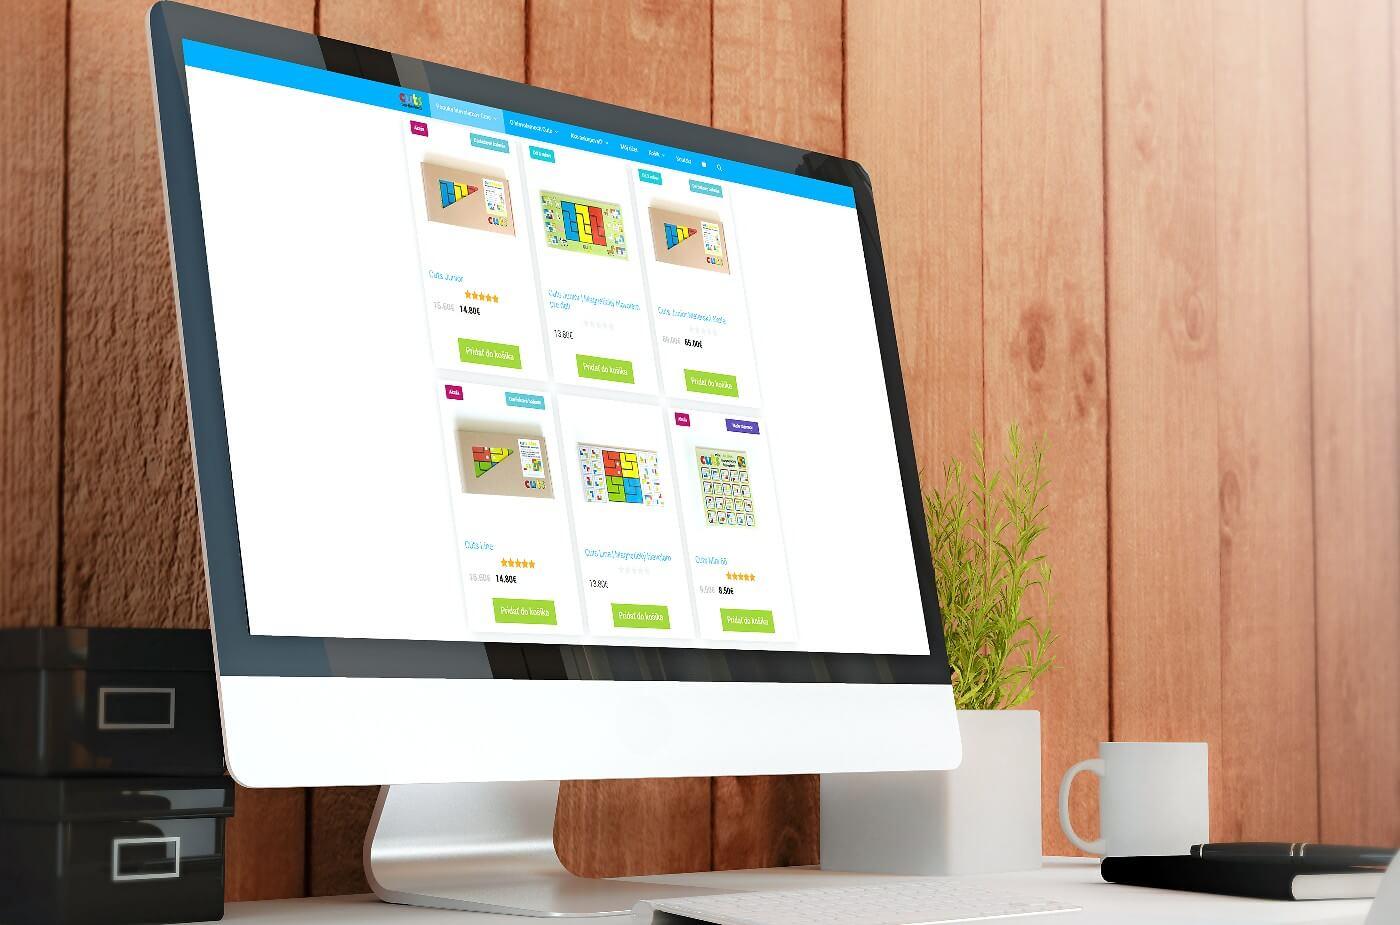 Tvoba webovej stránky a e-shopu - cuts-hlavolam.sk | Webovica.sk